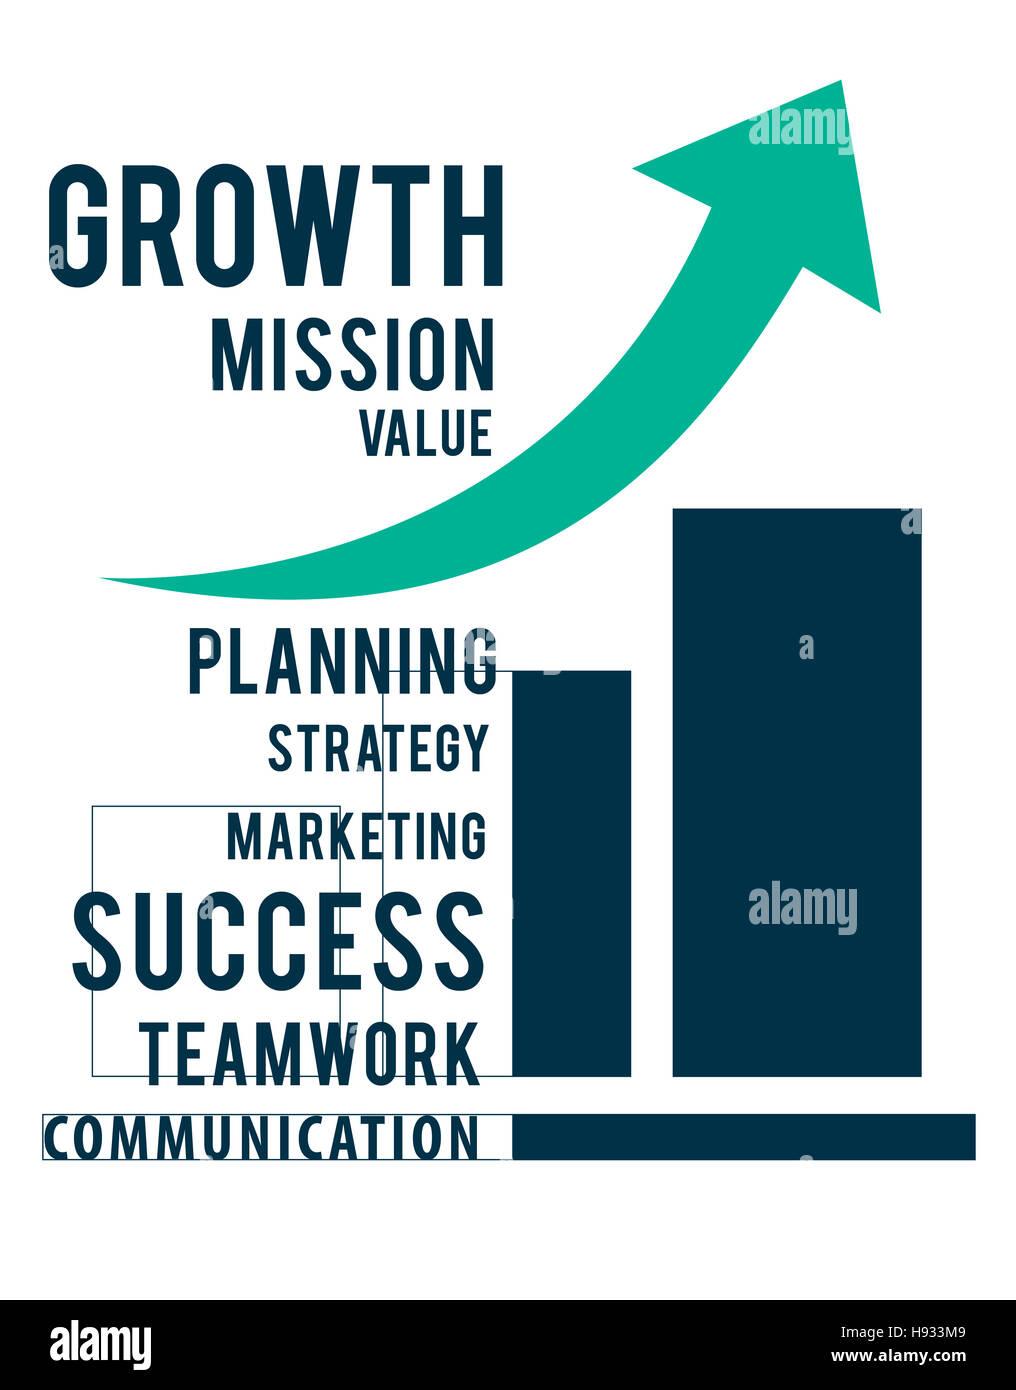 Proceso de crecimiento estrategia Visión éxito aumentar concepto Imagen De Stock